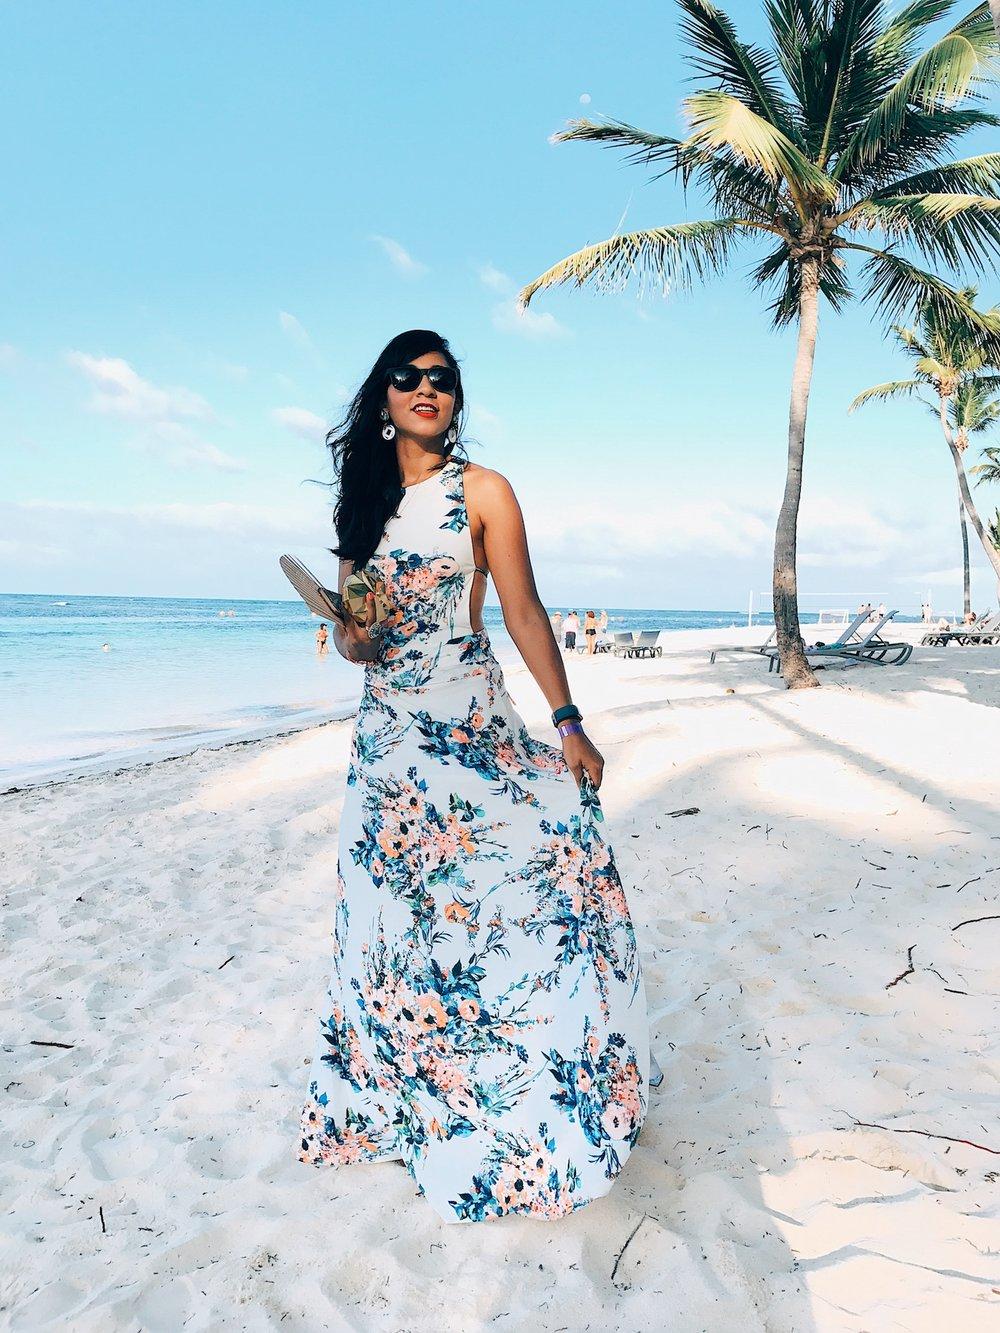 Donde conseguir vestidos para una boda en la playa que lucen más de lo que cuestan. Estos vestidos están super coquetos y adsequibles.